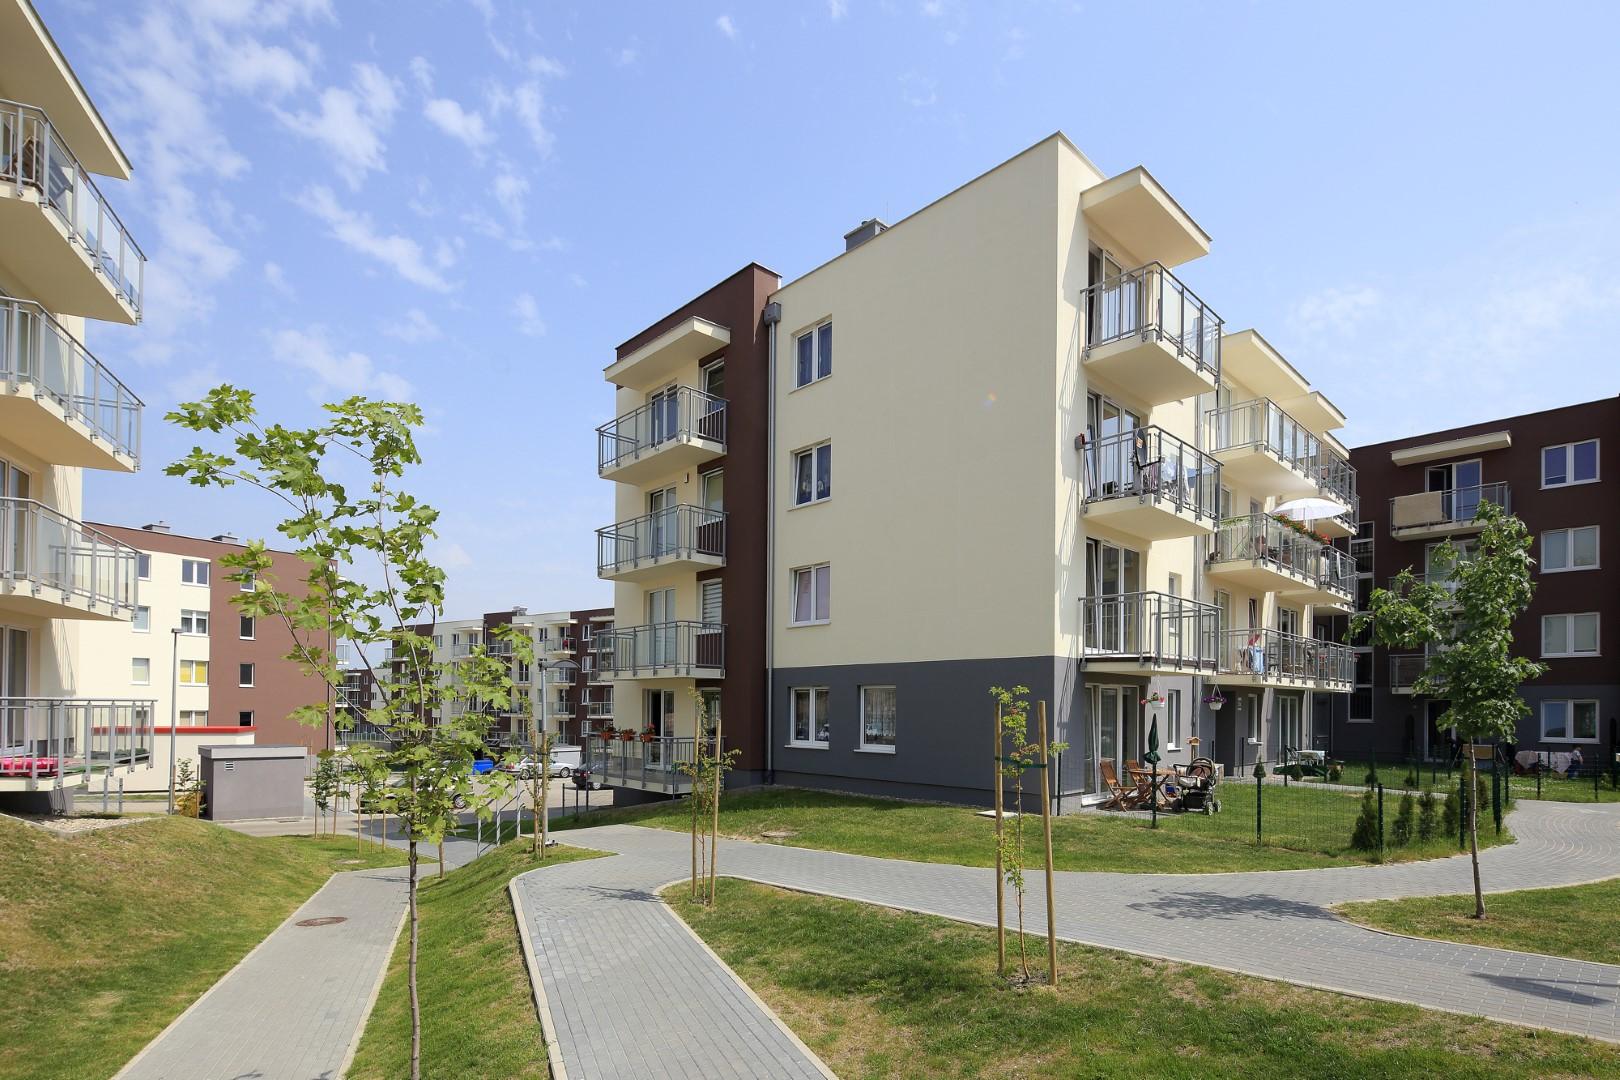 Polnord - sprzedaż mieszkań IV etapu osiedla 2 Potoki